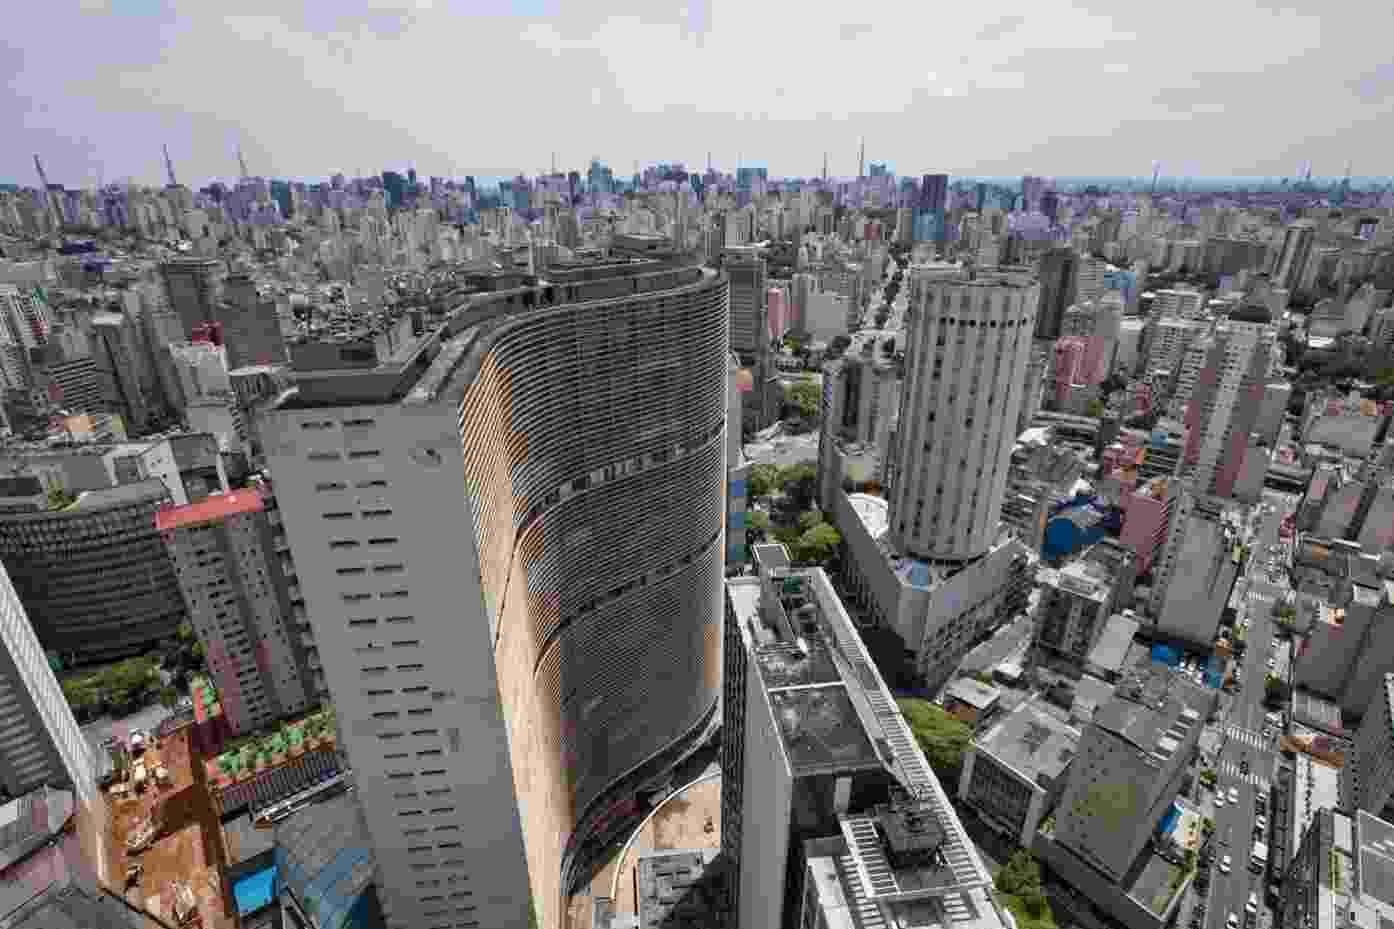 Edifício Copan, projetado por Oscar Niemeyer, é outro cartão-postal do centro de São Paulo - Simon Plestenjak/UOL